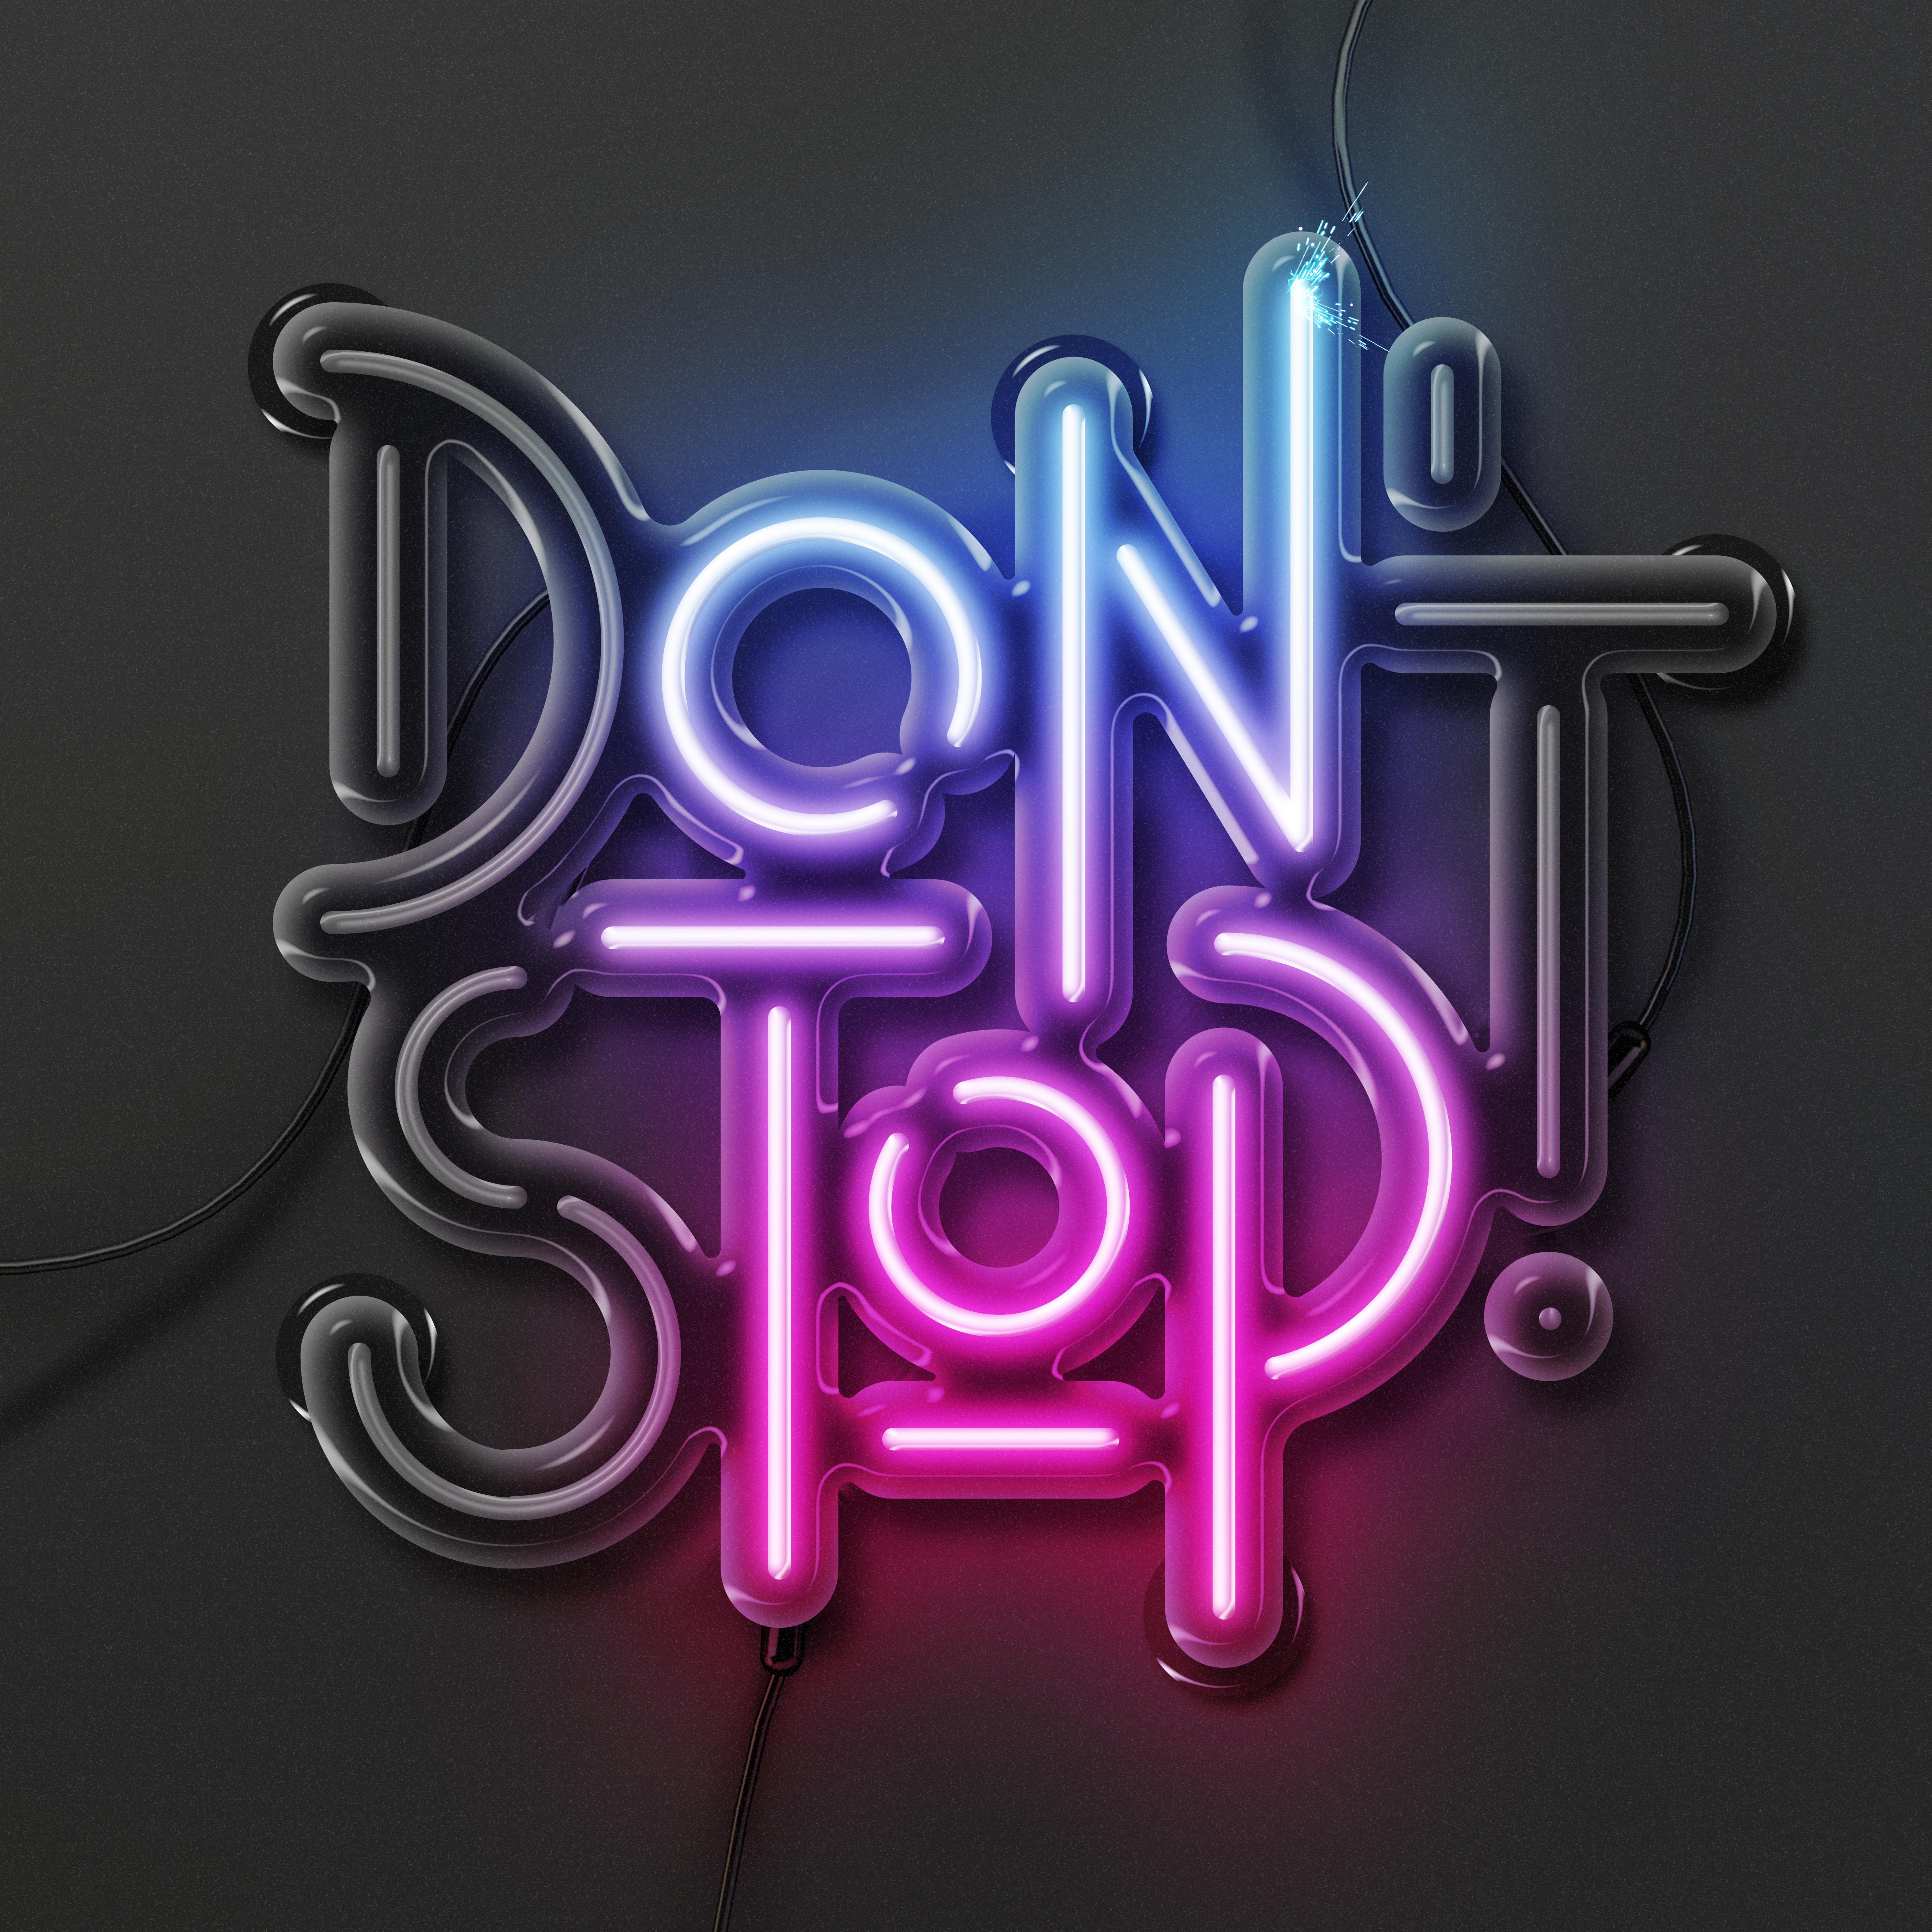 dontstop-def